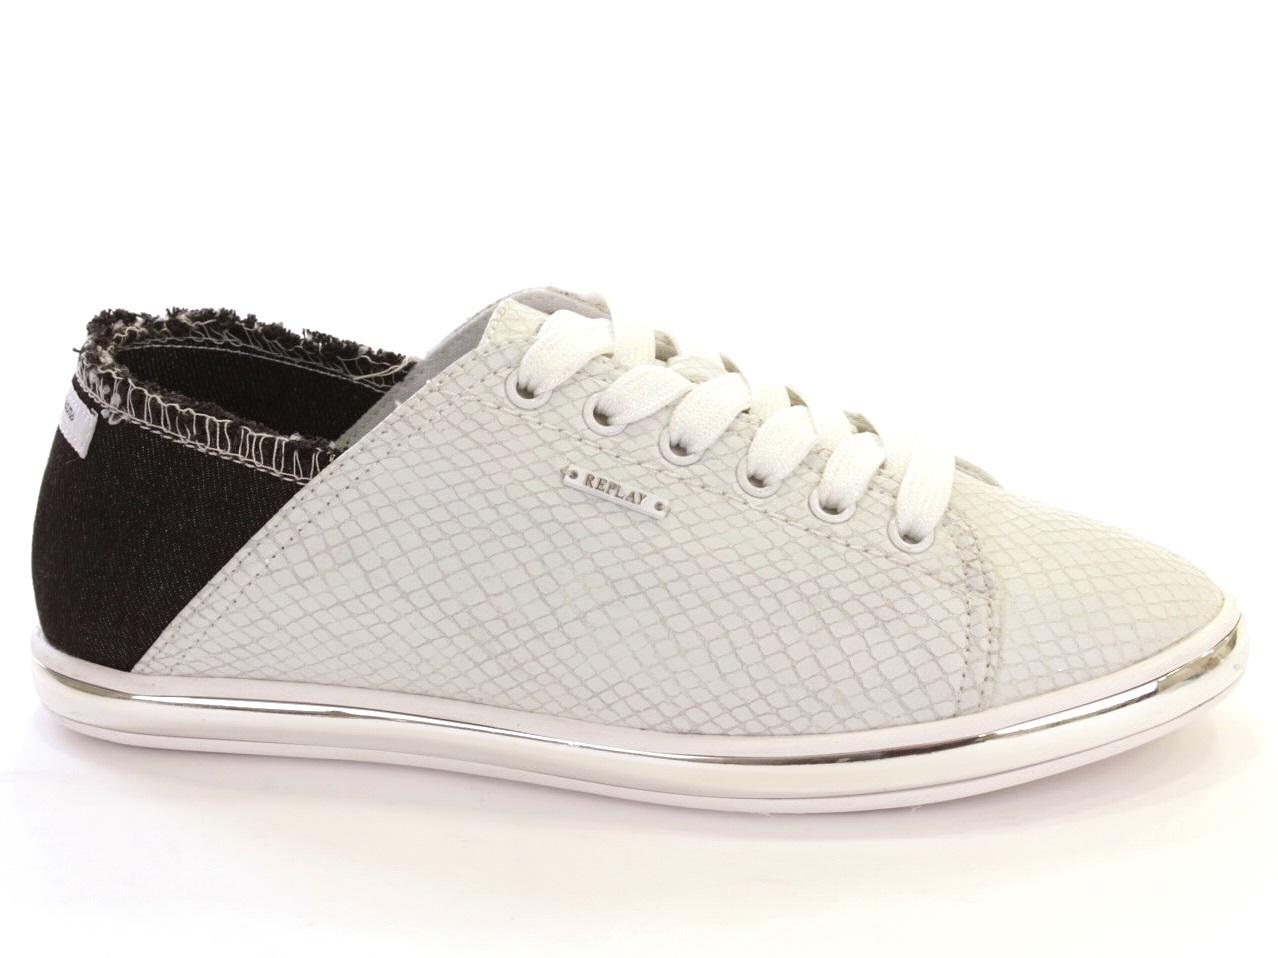 Sneakers and Espadrilles Replay - 621 DAMA